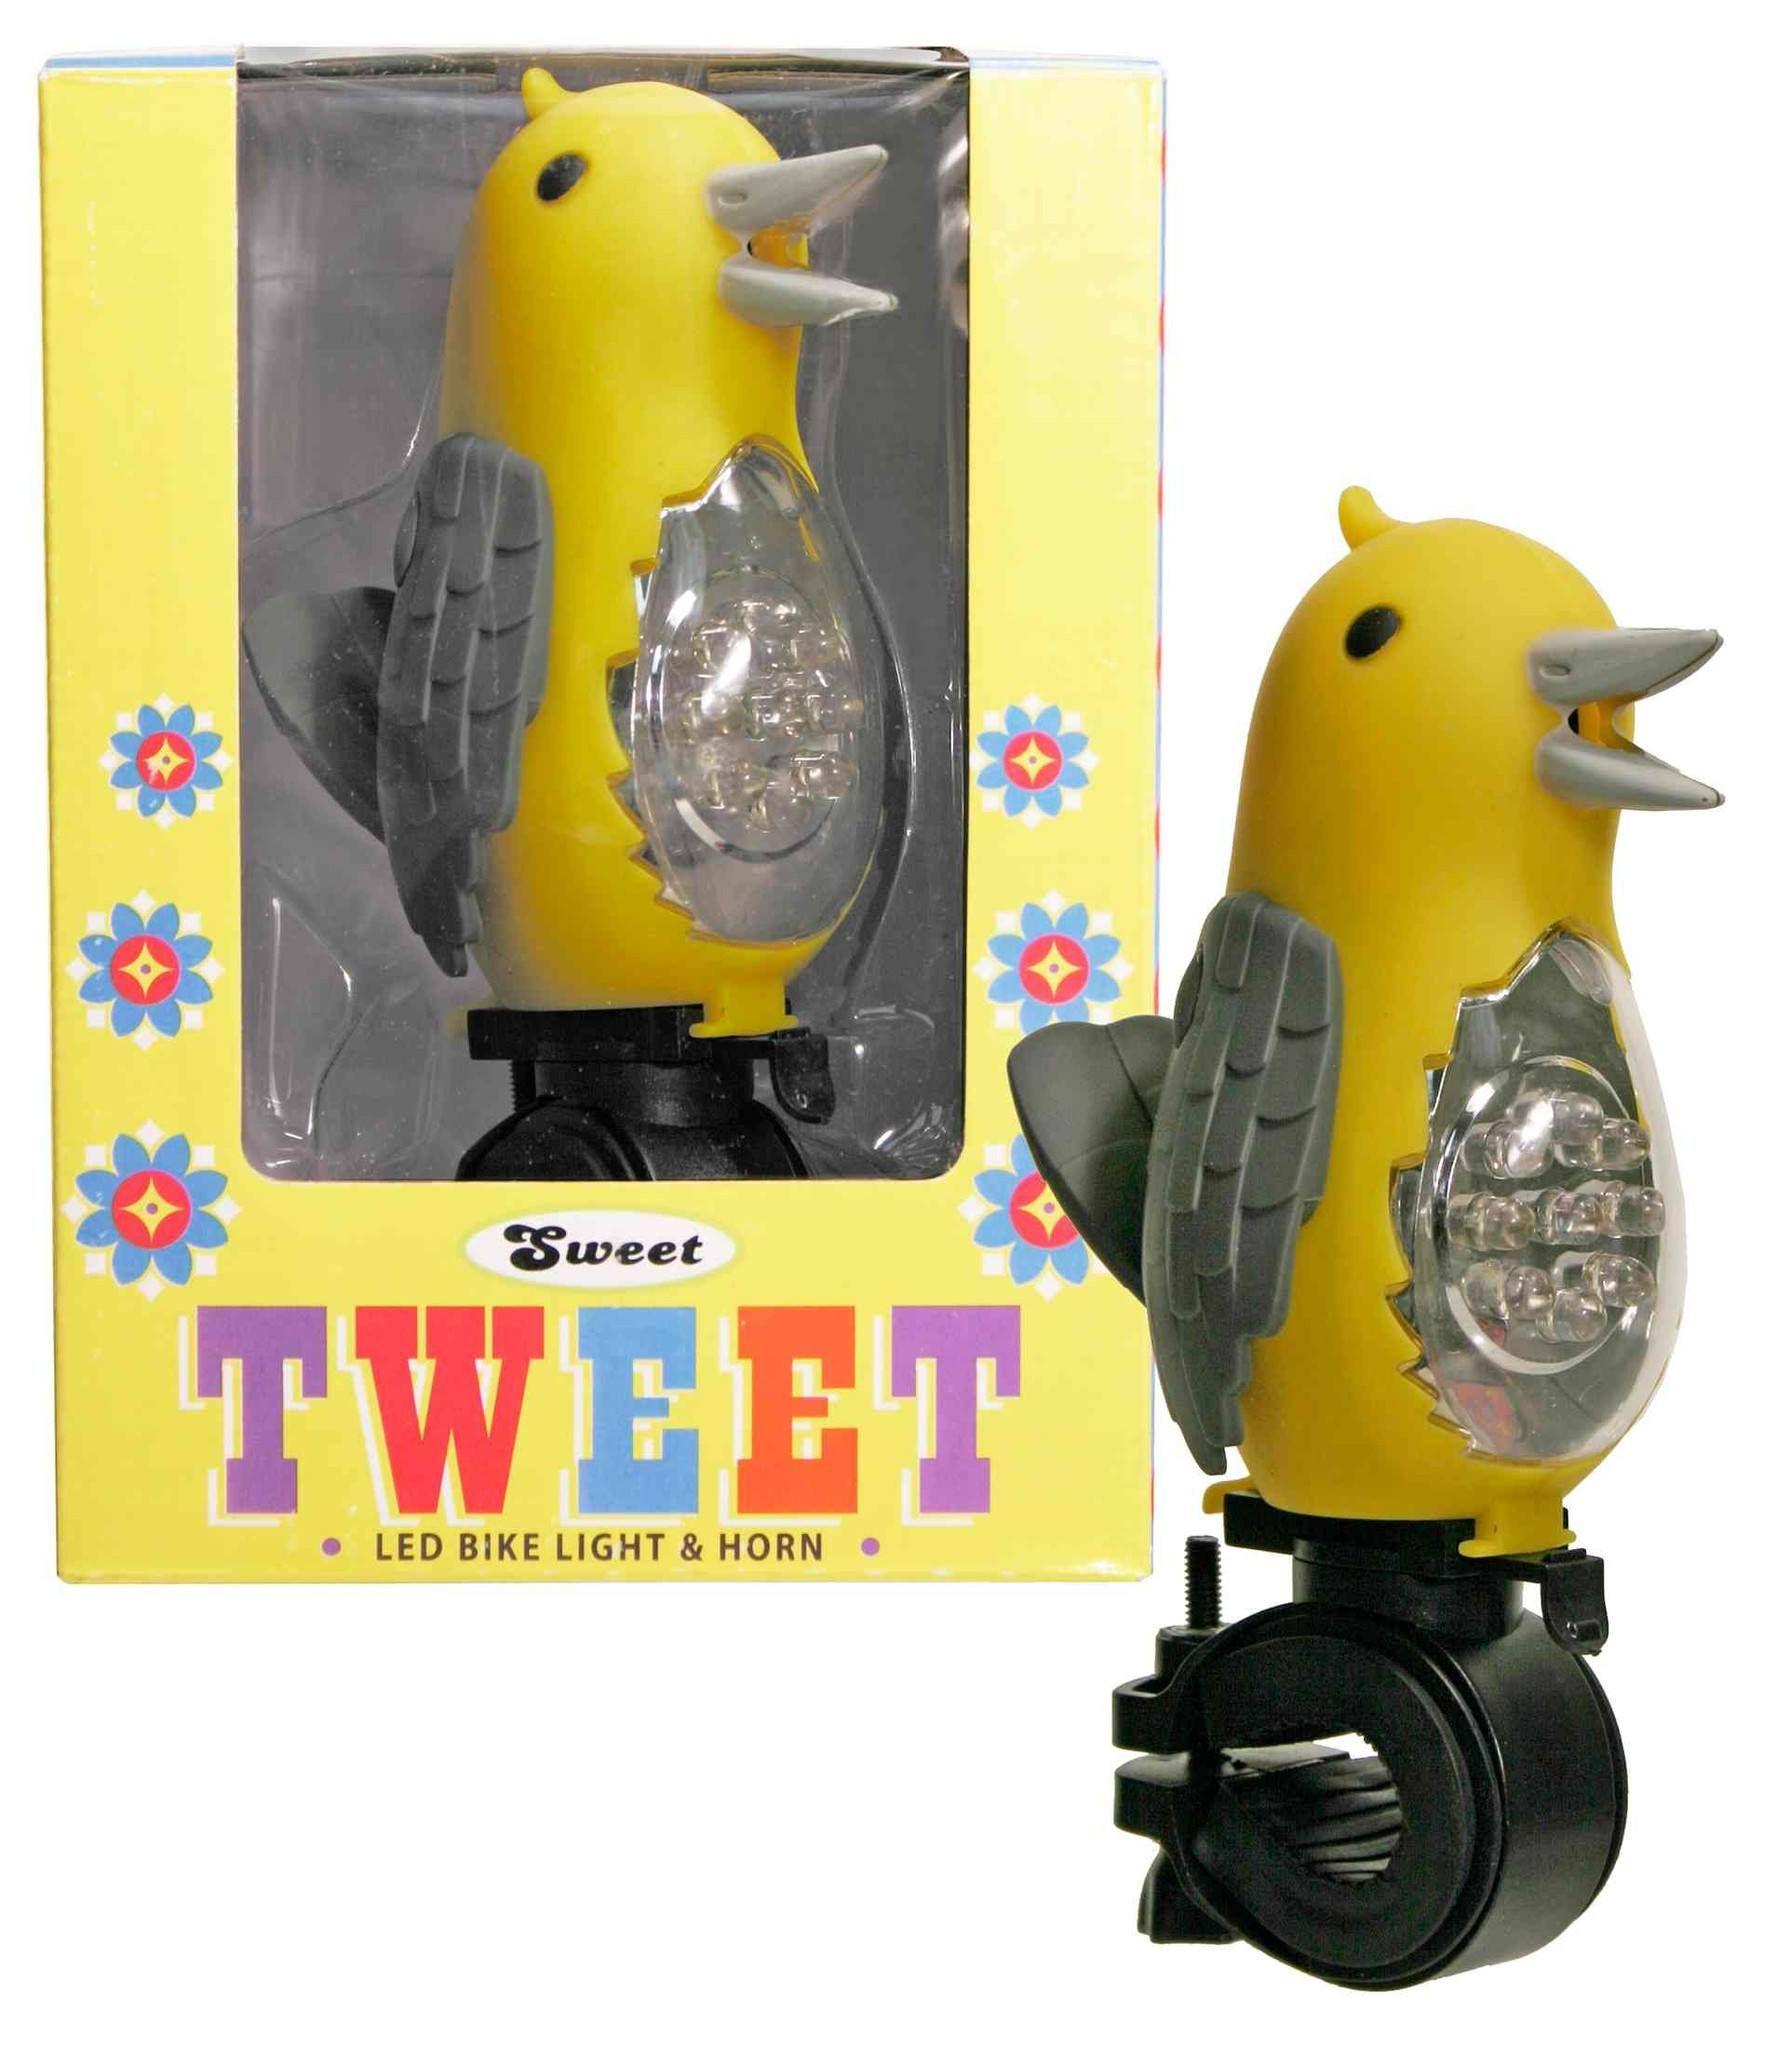 Sweet Tweet Bicycle Light - Yellow